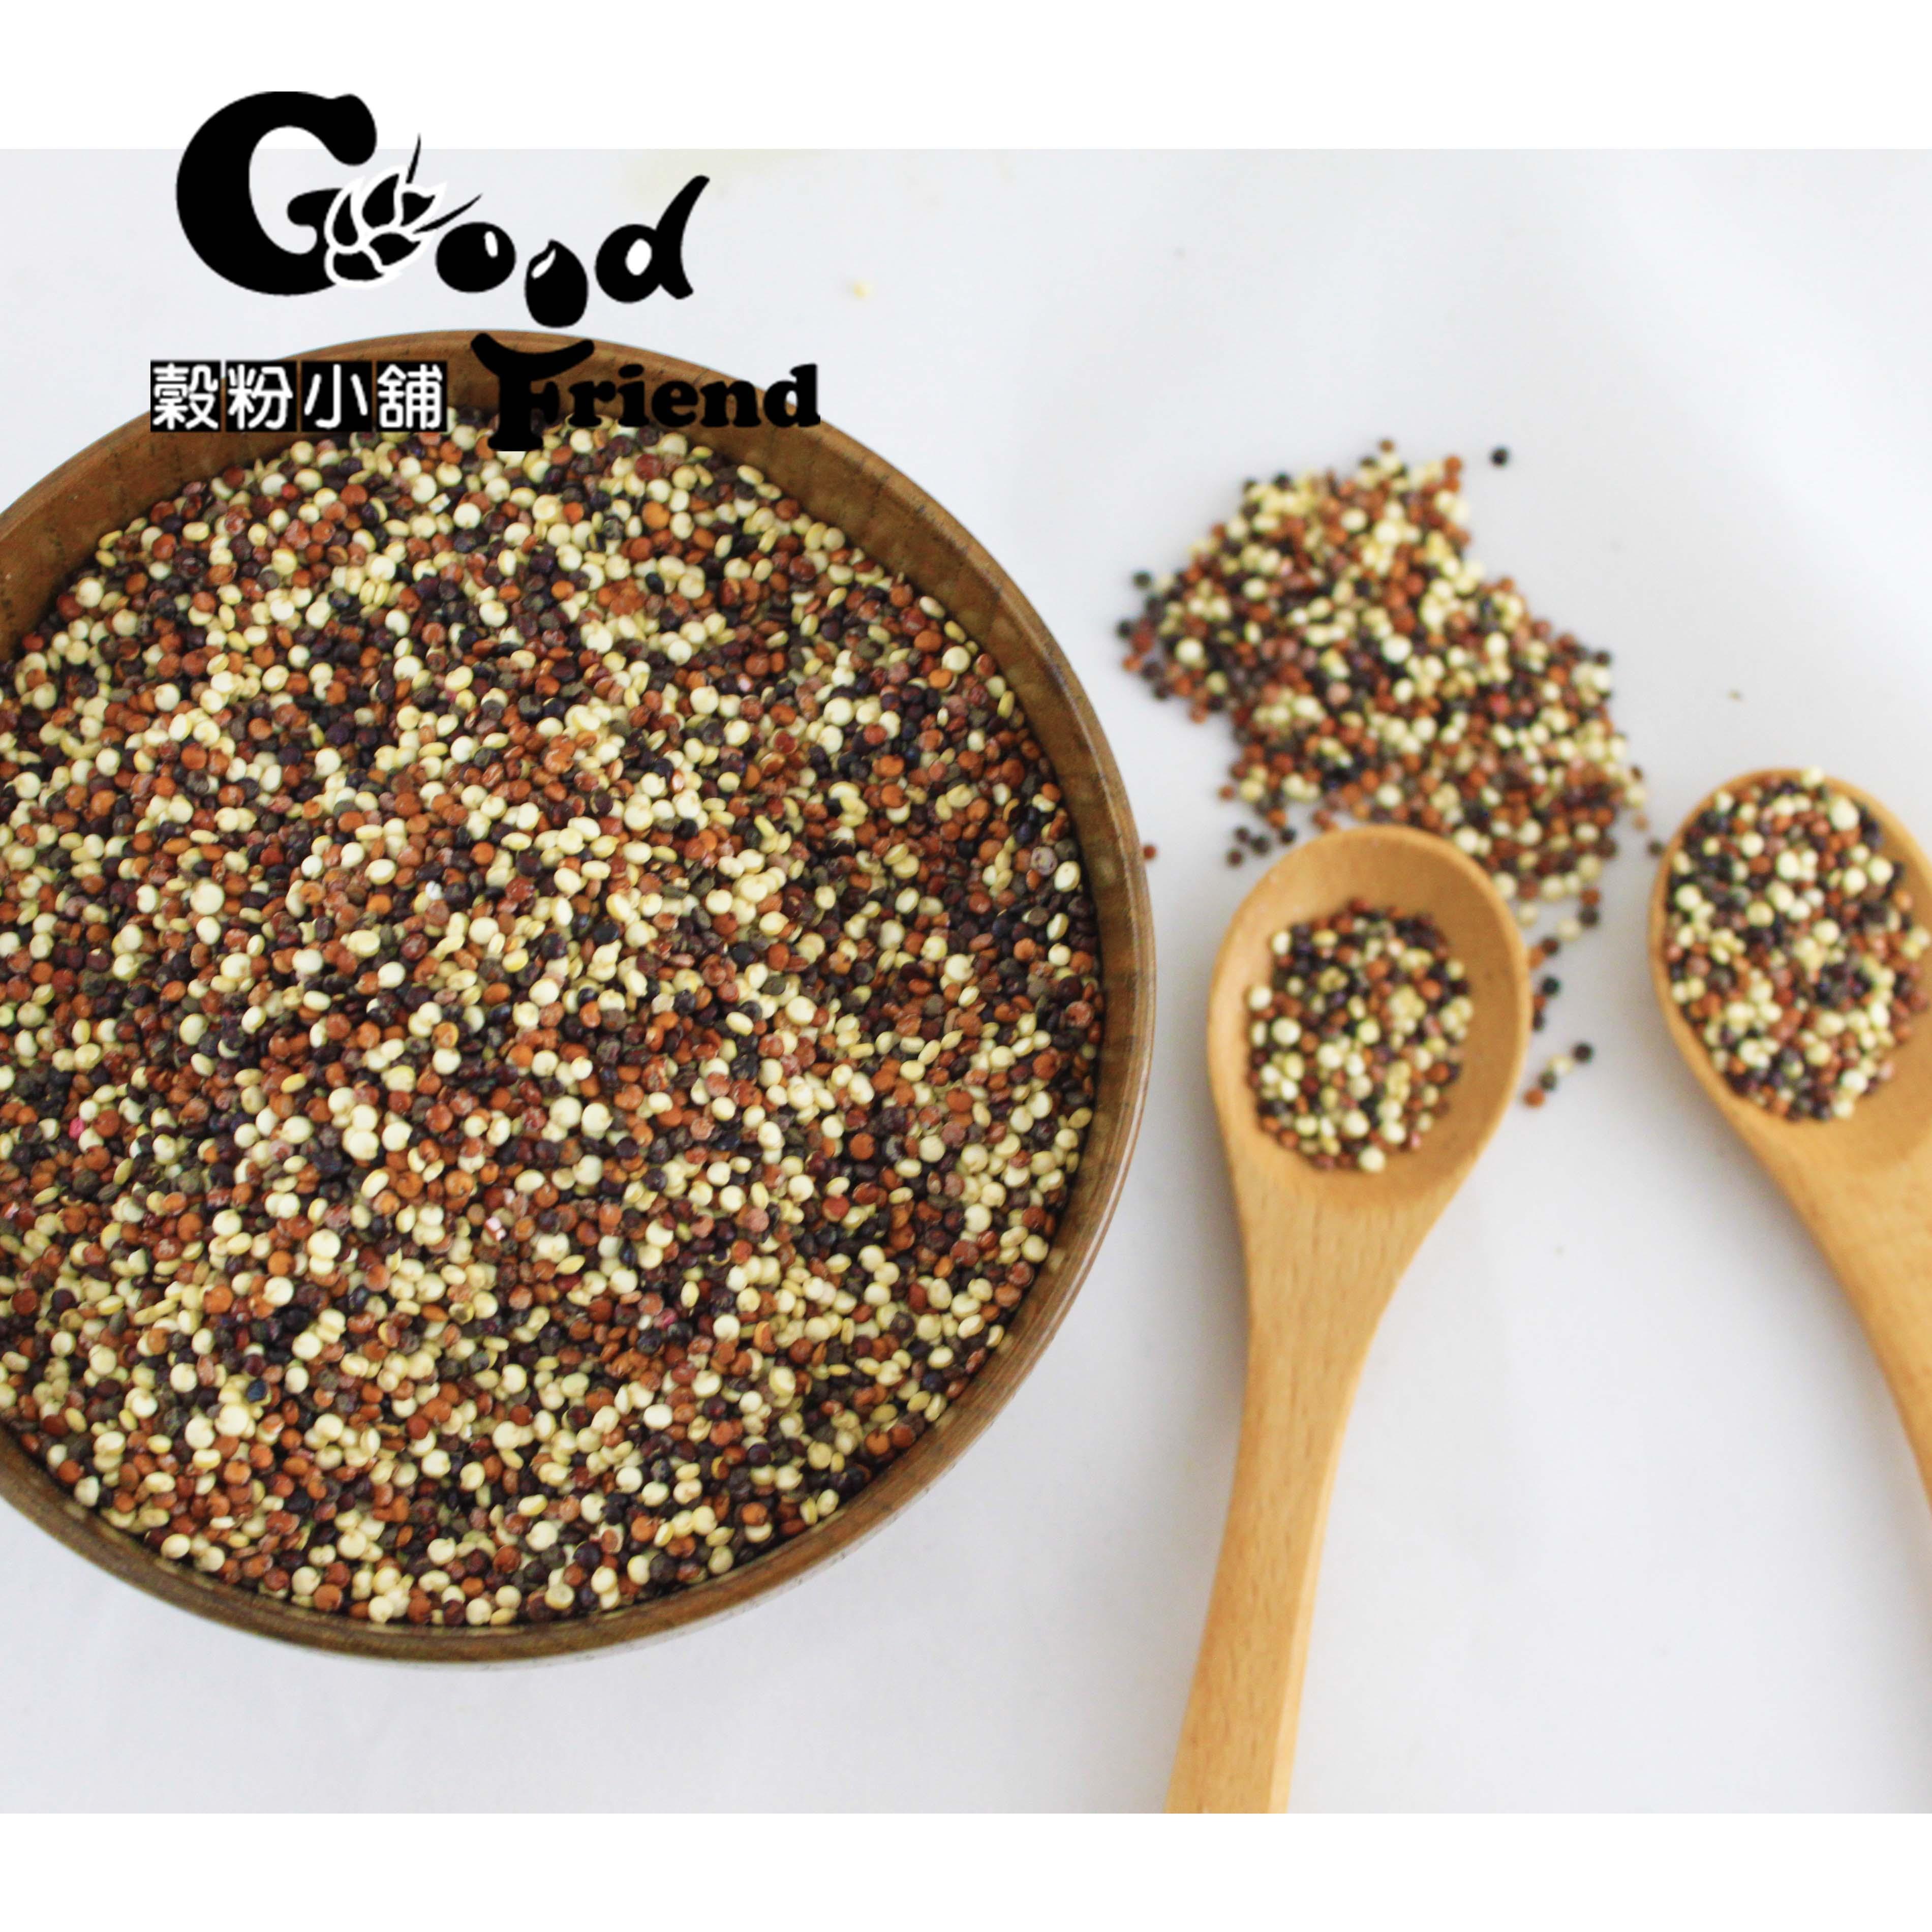 藜麥 南美藜 穀物之母 紅藜麥 白藜麥 黑藜麥 /生